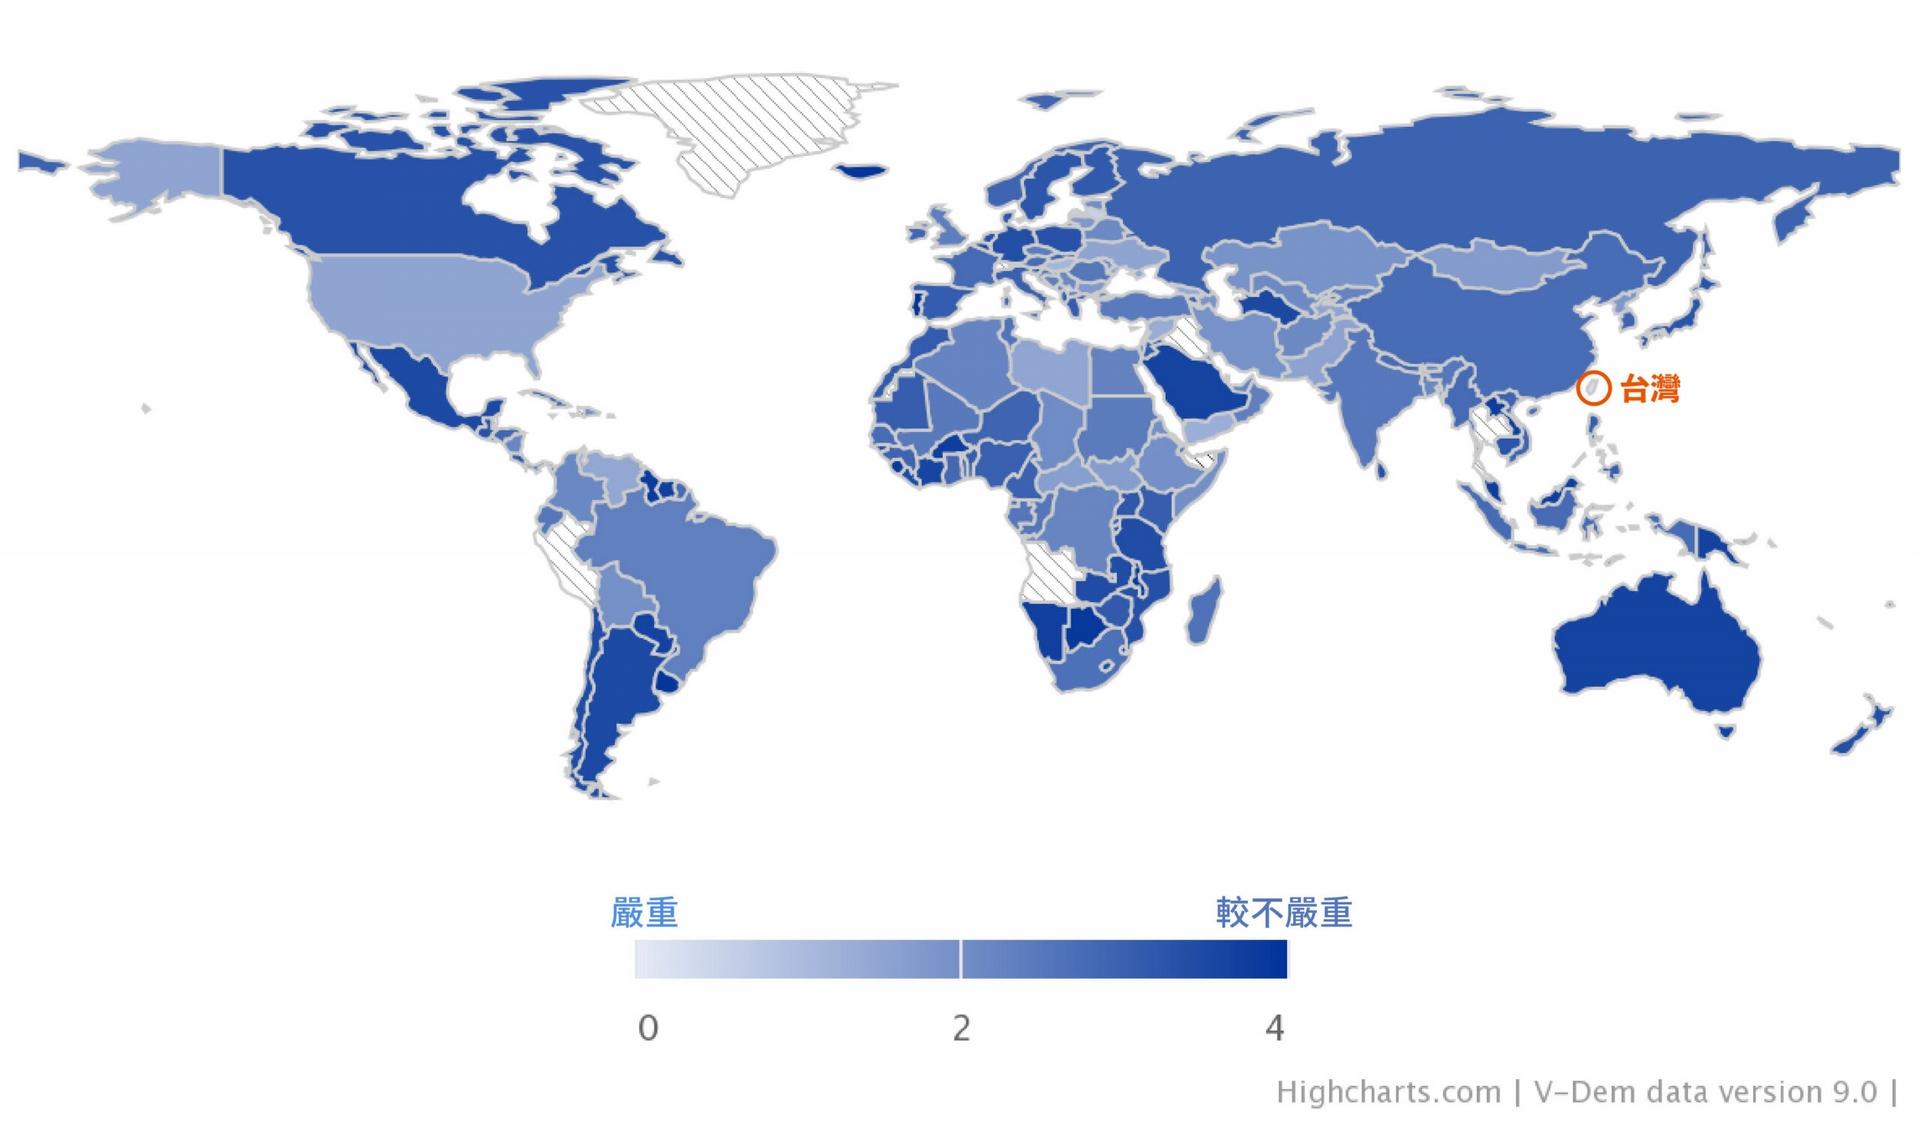 2018 年瑞典 V-Dem 遭受外國假資訊攻擊的跨國調查, 0-4(淺至深)為嚴重程度,0(淺色)代表散布最為頻繁,臺灣在 179 個國家中名列第一。 圖│digital society of project